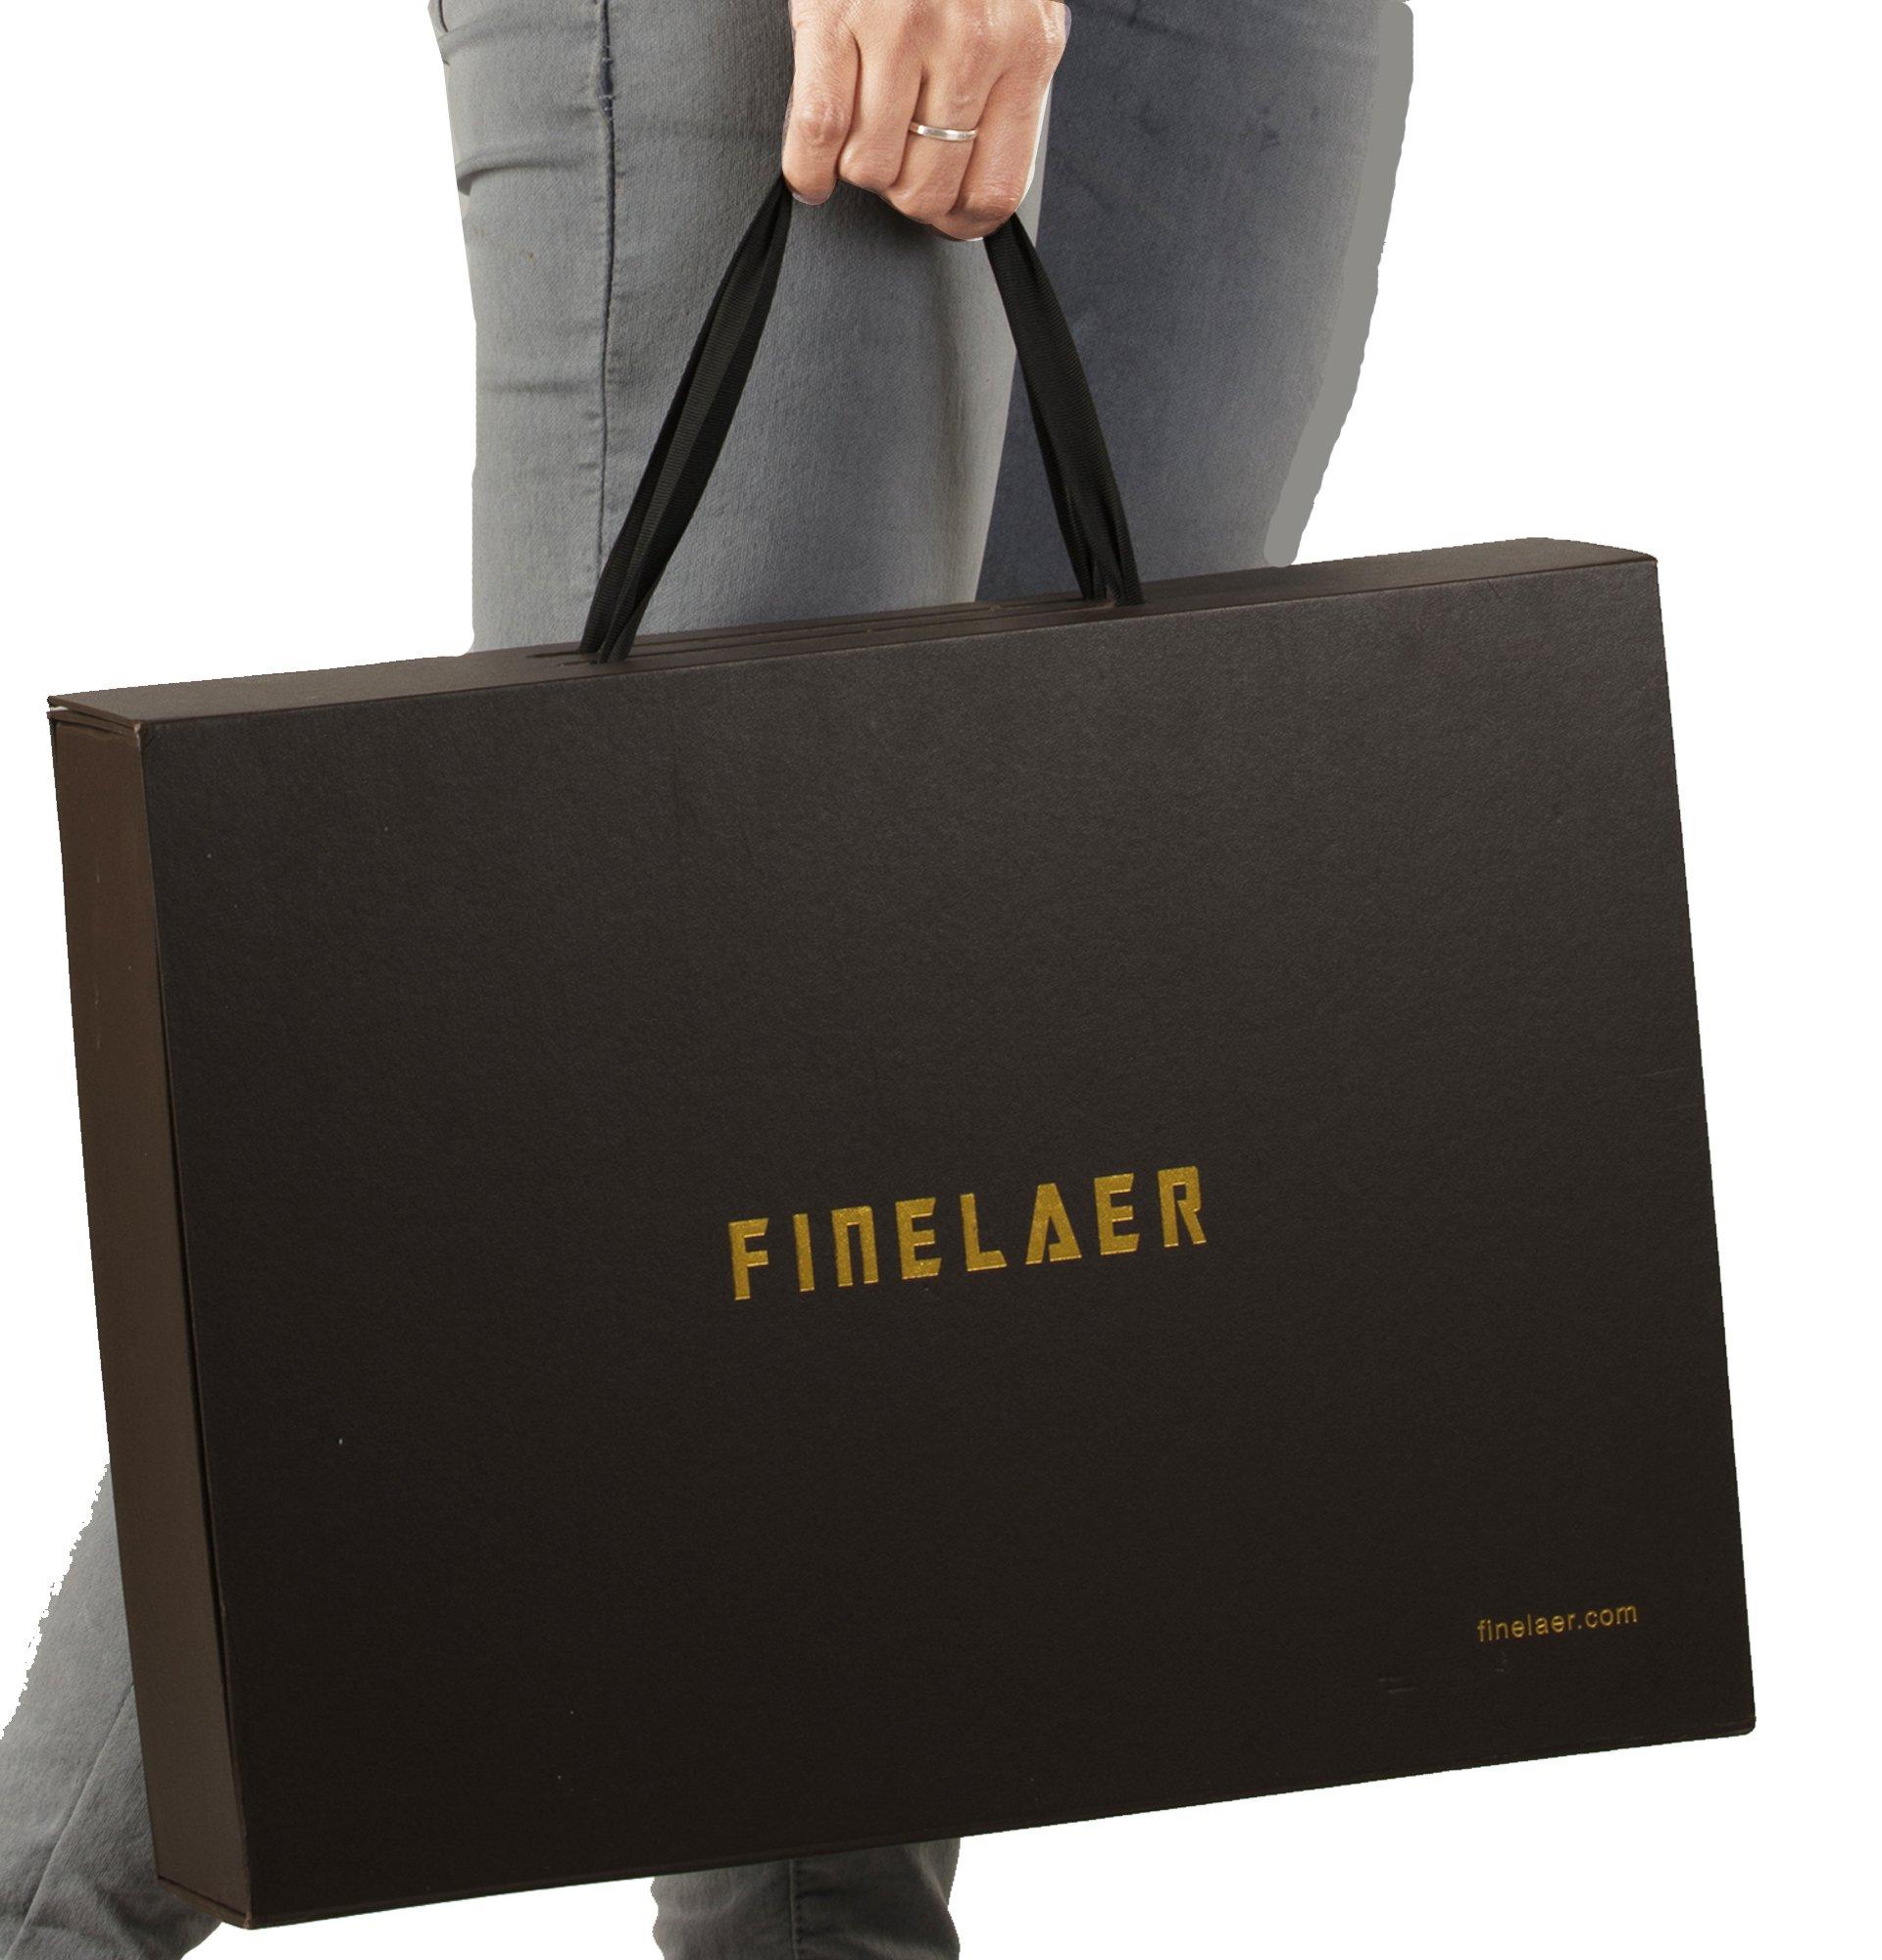 Finelaer Vintage Brown Laptop Backpack Daypack Rucksack Travel Hiking Bag Men Women by FINELAER (Image #8)